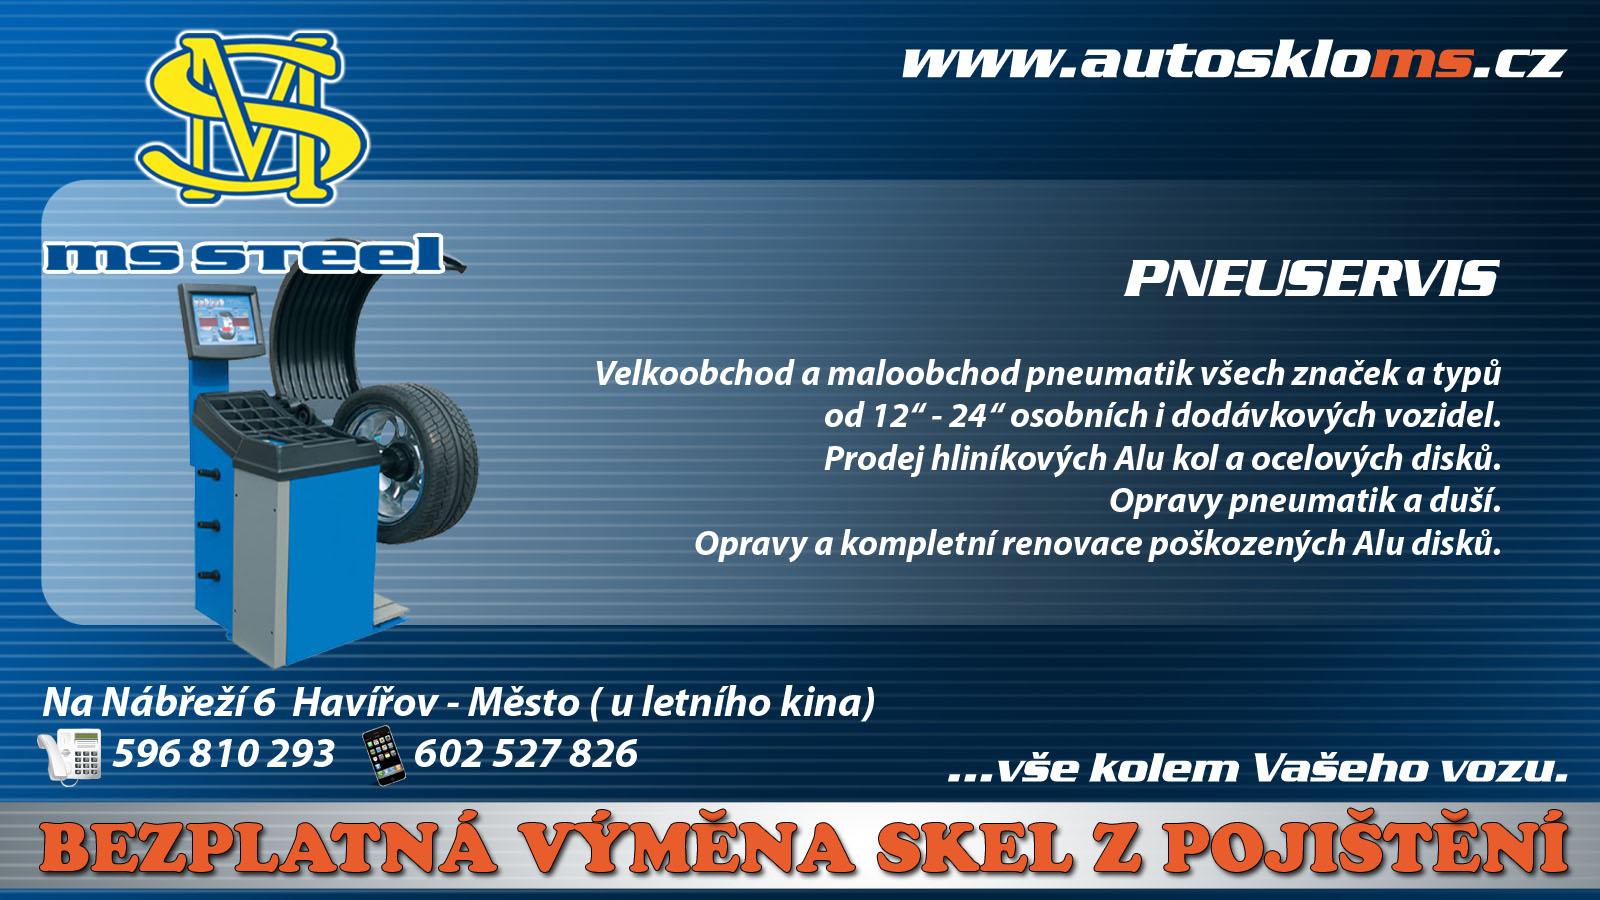 Prodej pneumatik Havířov